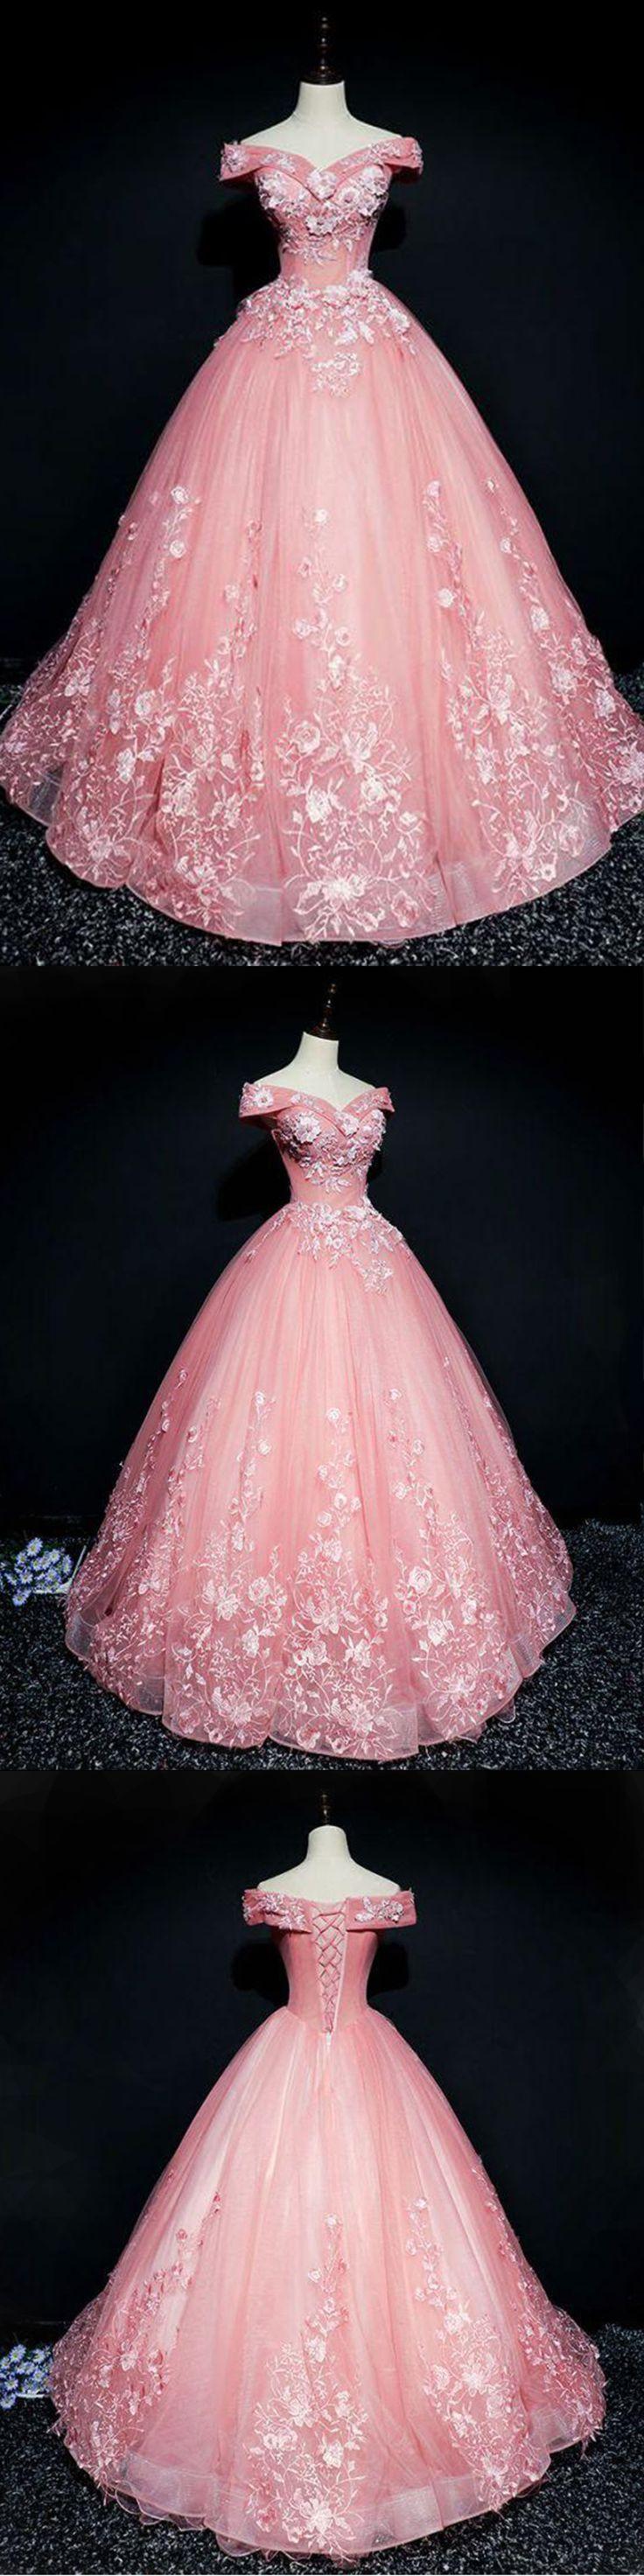 Pink organza floor length V neck off shoulder winter formal prom dresses with appliques